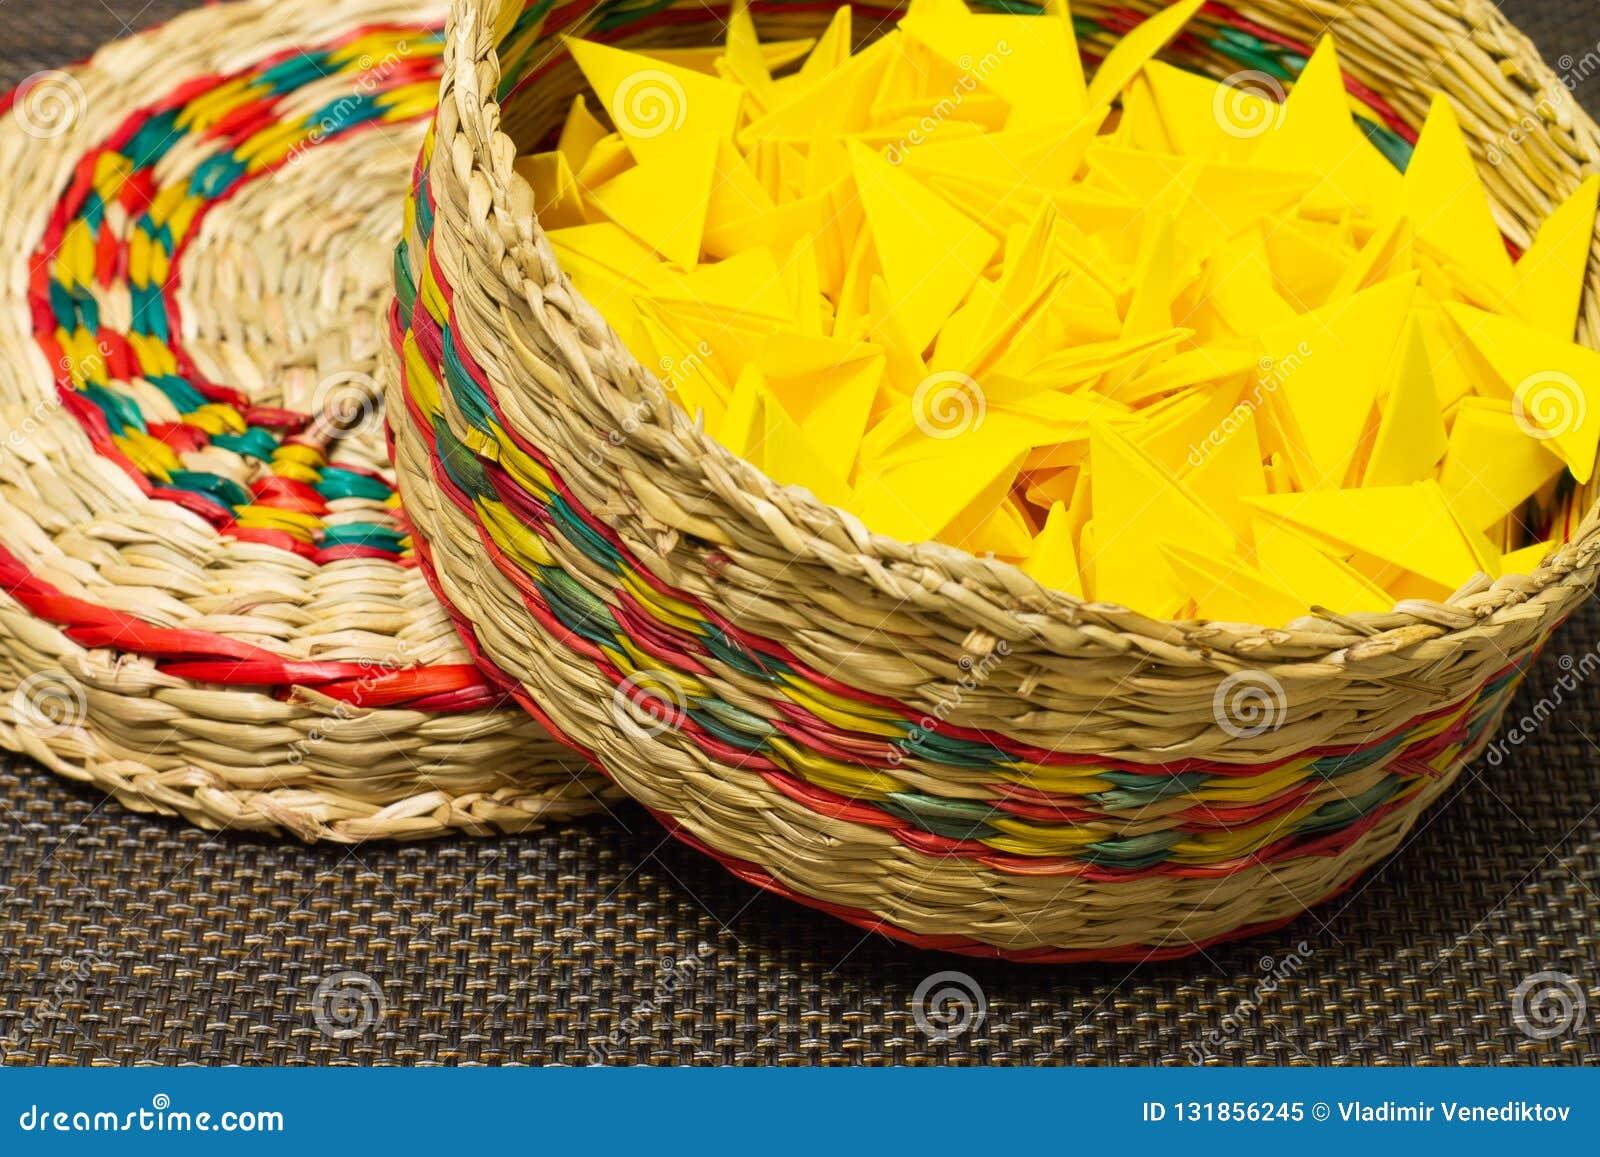 Cesta de paja tejida con el papel amarillo